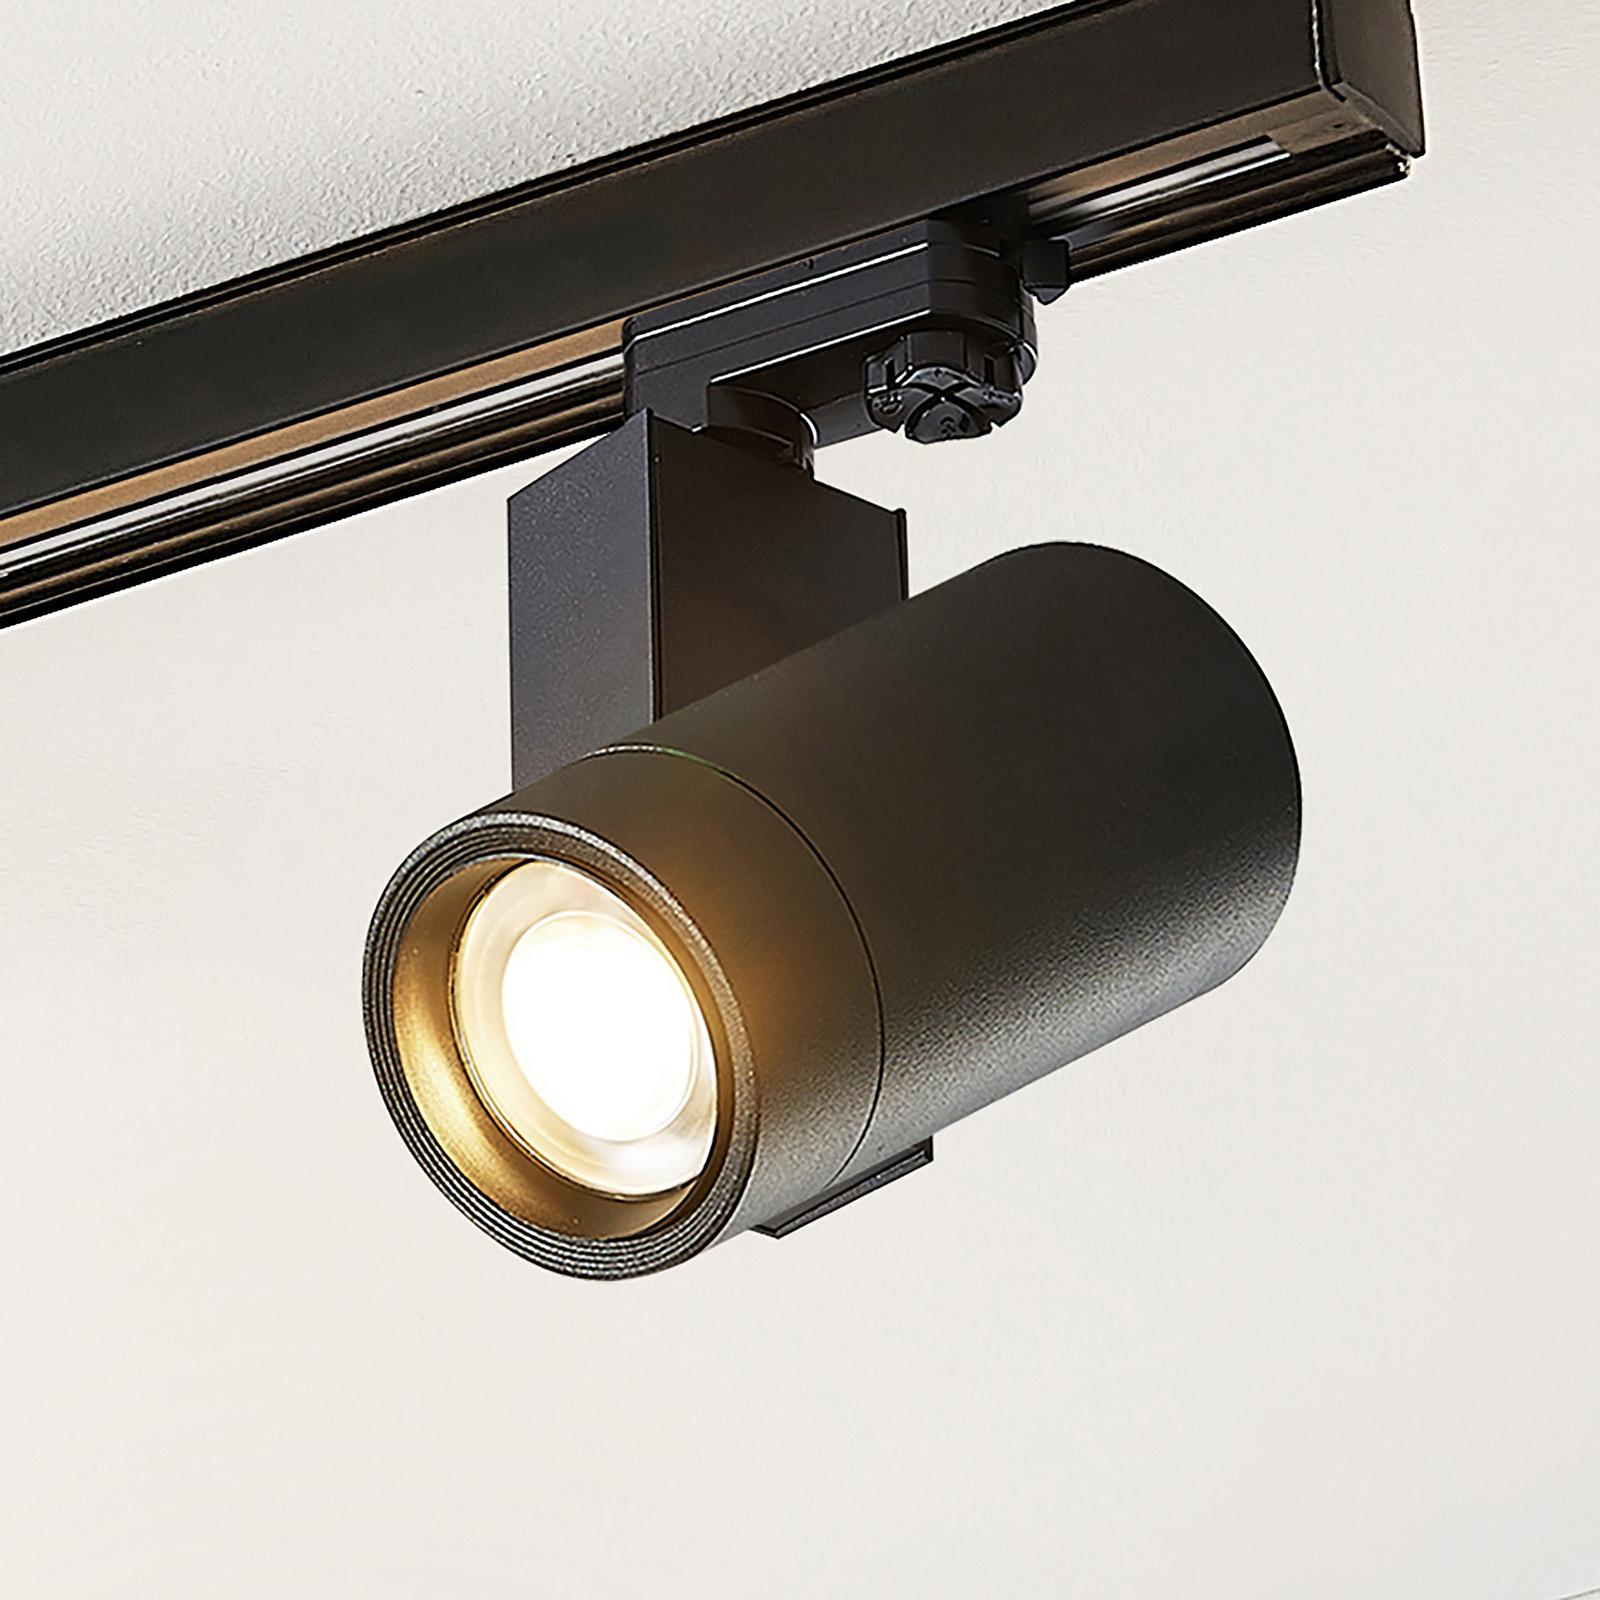 Arcchio Tede LED-kiskospotti, 20–40°, 25,2 W